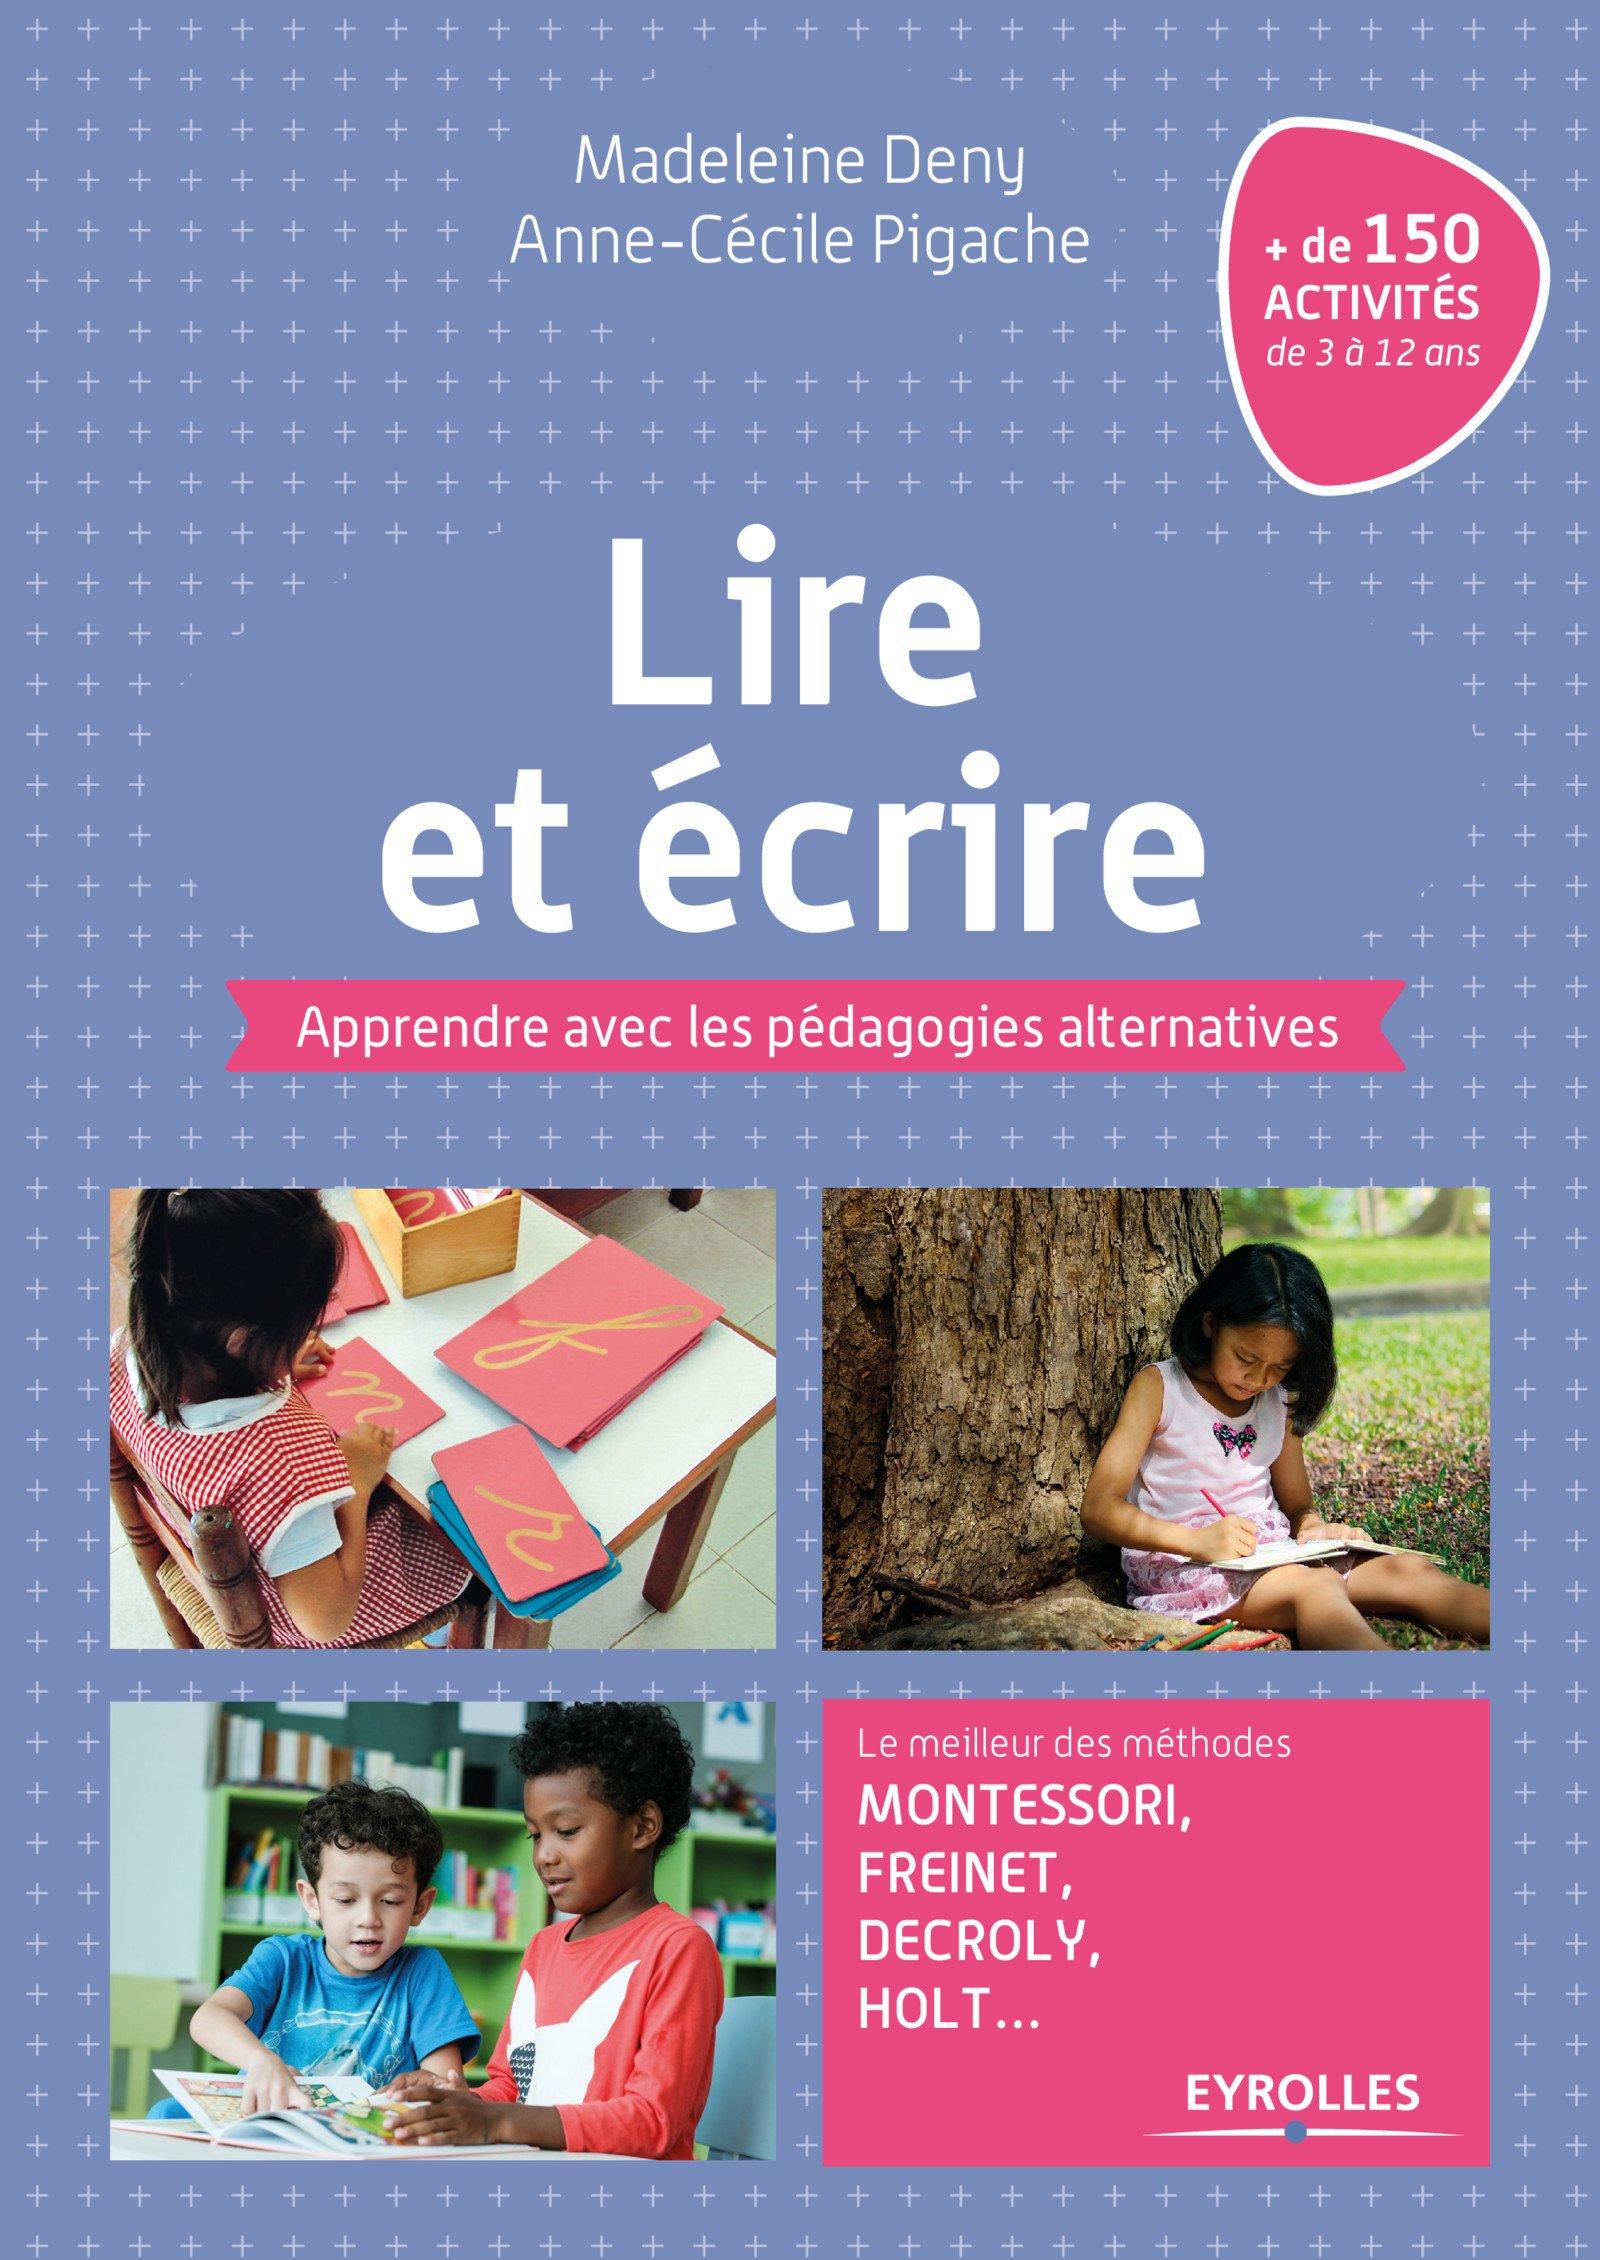 lire écrire pédagogie alternative